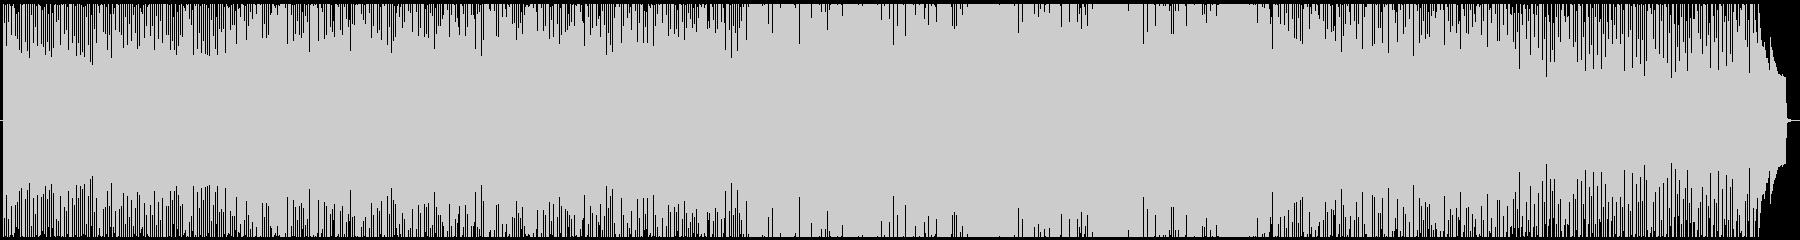 少し切ないメロディーが印象的なBGMの未再生の波形